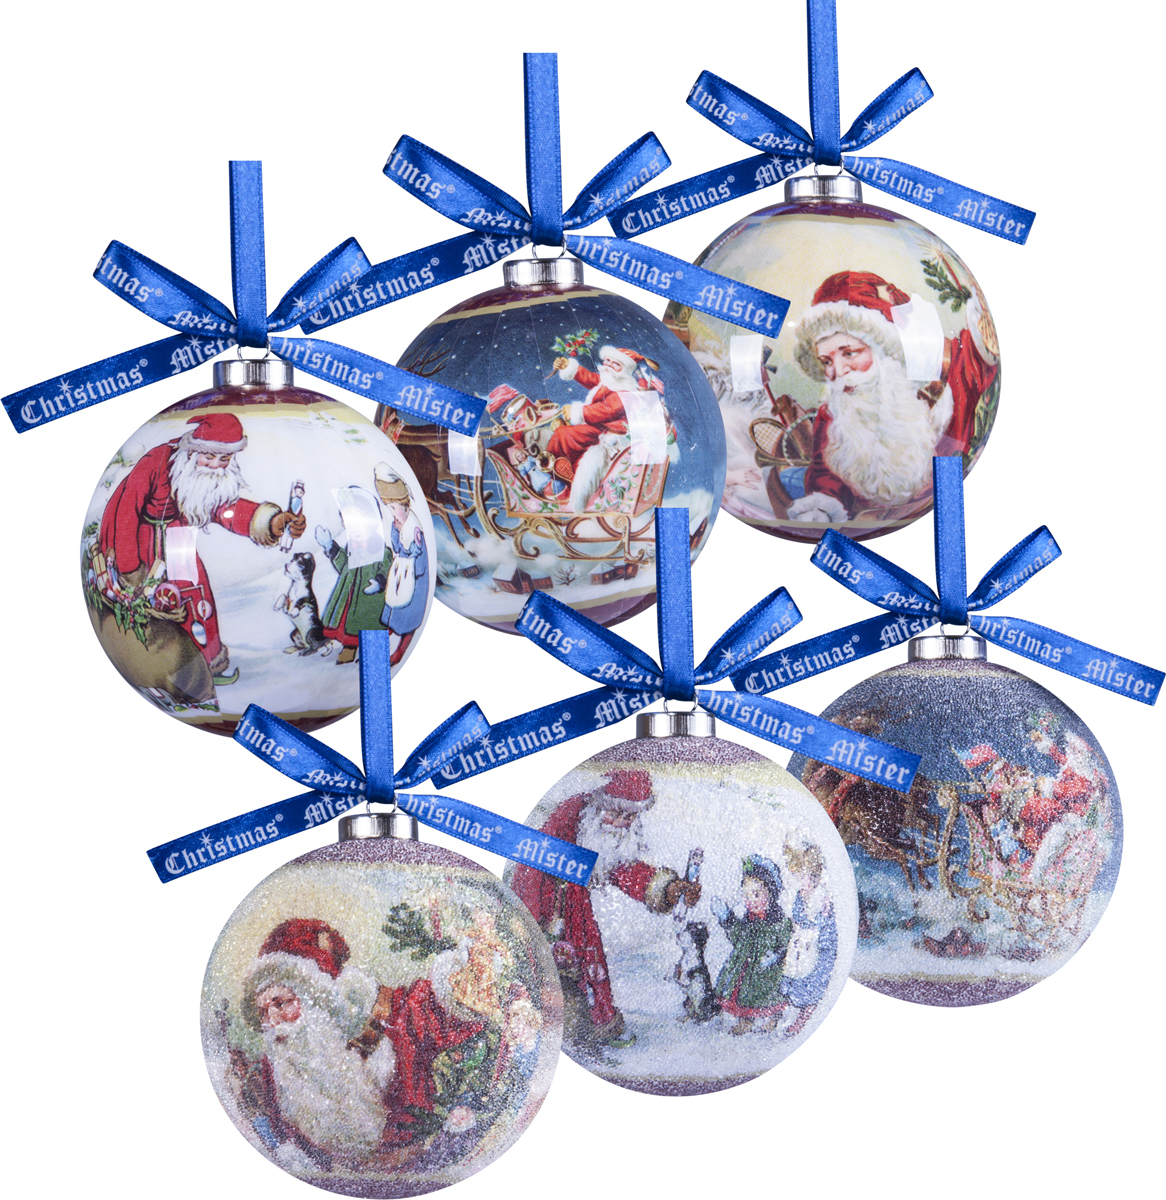 Набор новогодних подвесных украшений Mister Christmas Папье-маше, диаметр 7,5 см, 6 шт. PM-41-6T цена